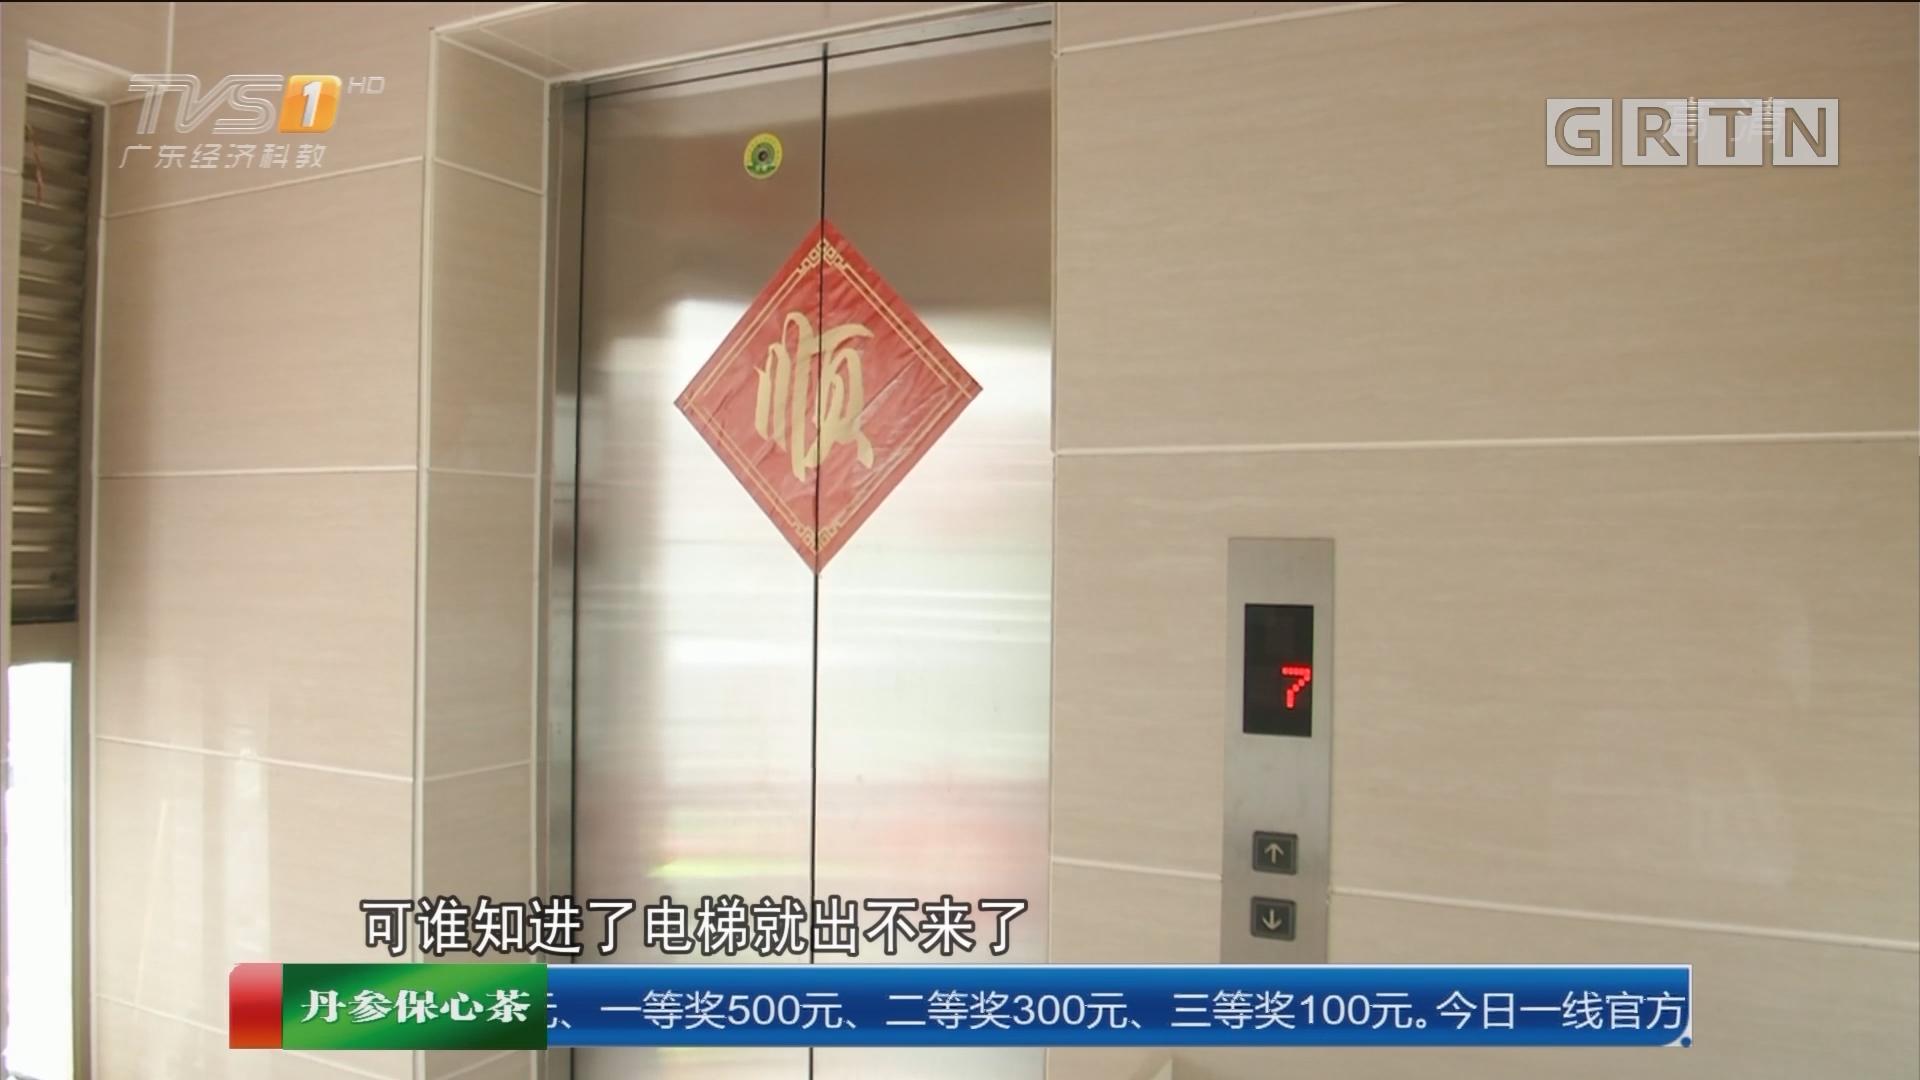 广州番禺:祖孙俩电梯被困近20分钟 拍打求助